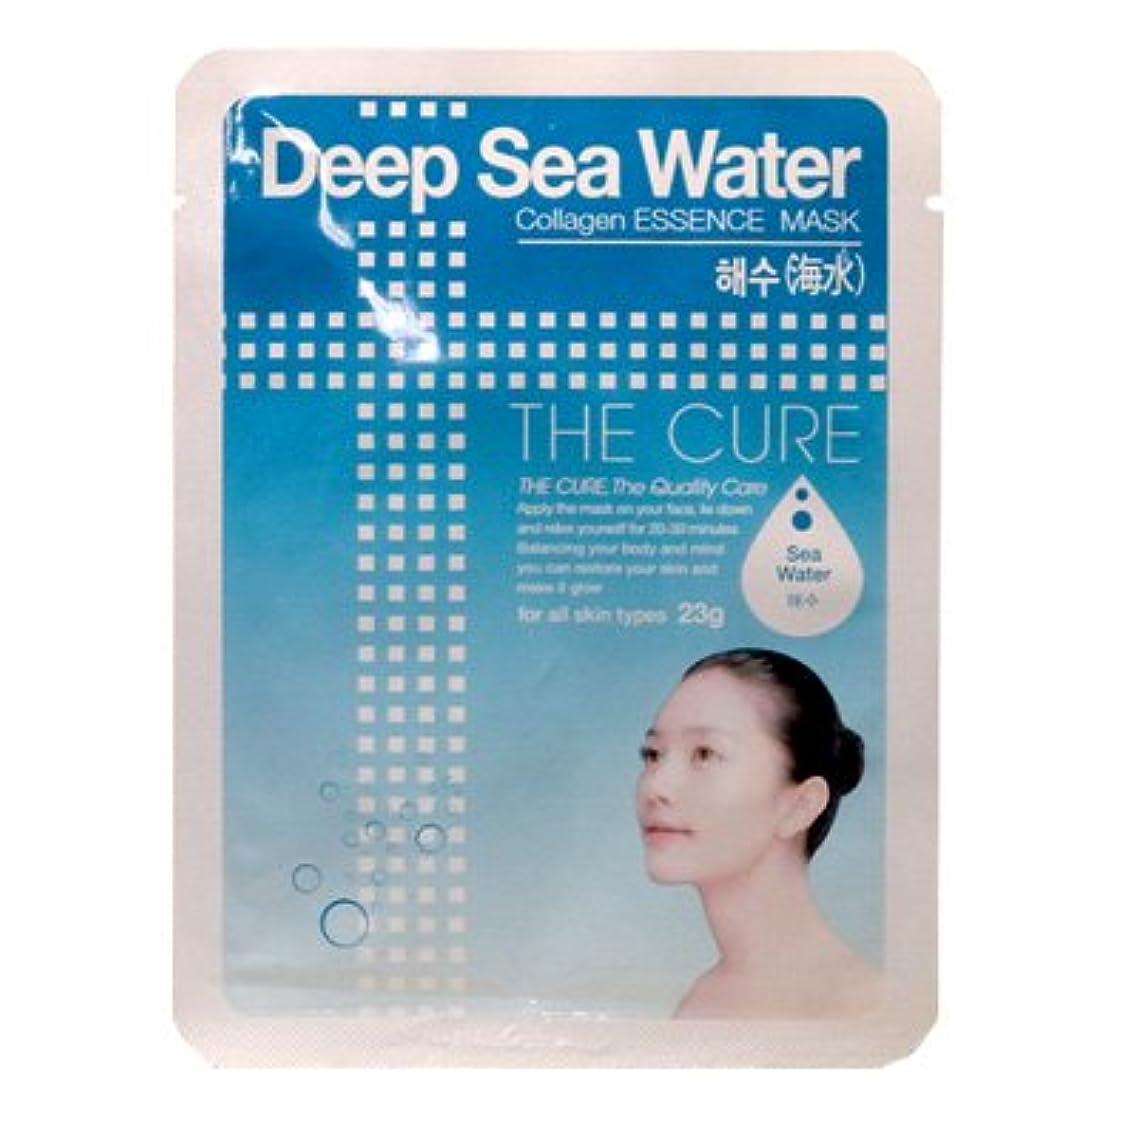 季節価格ホテルCURE マスク シートパック 海水